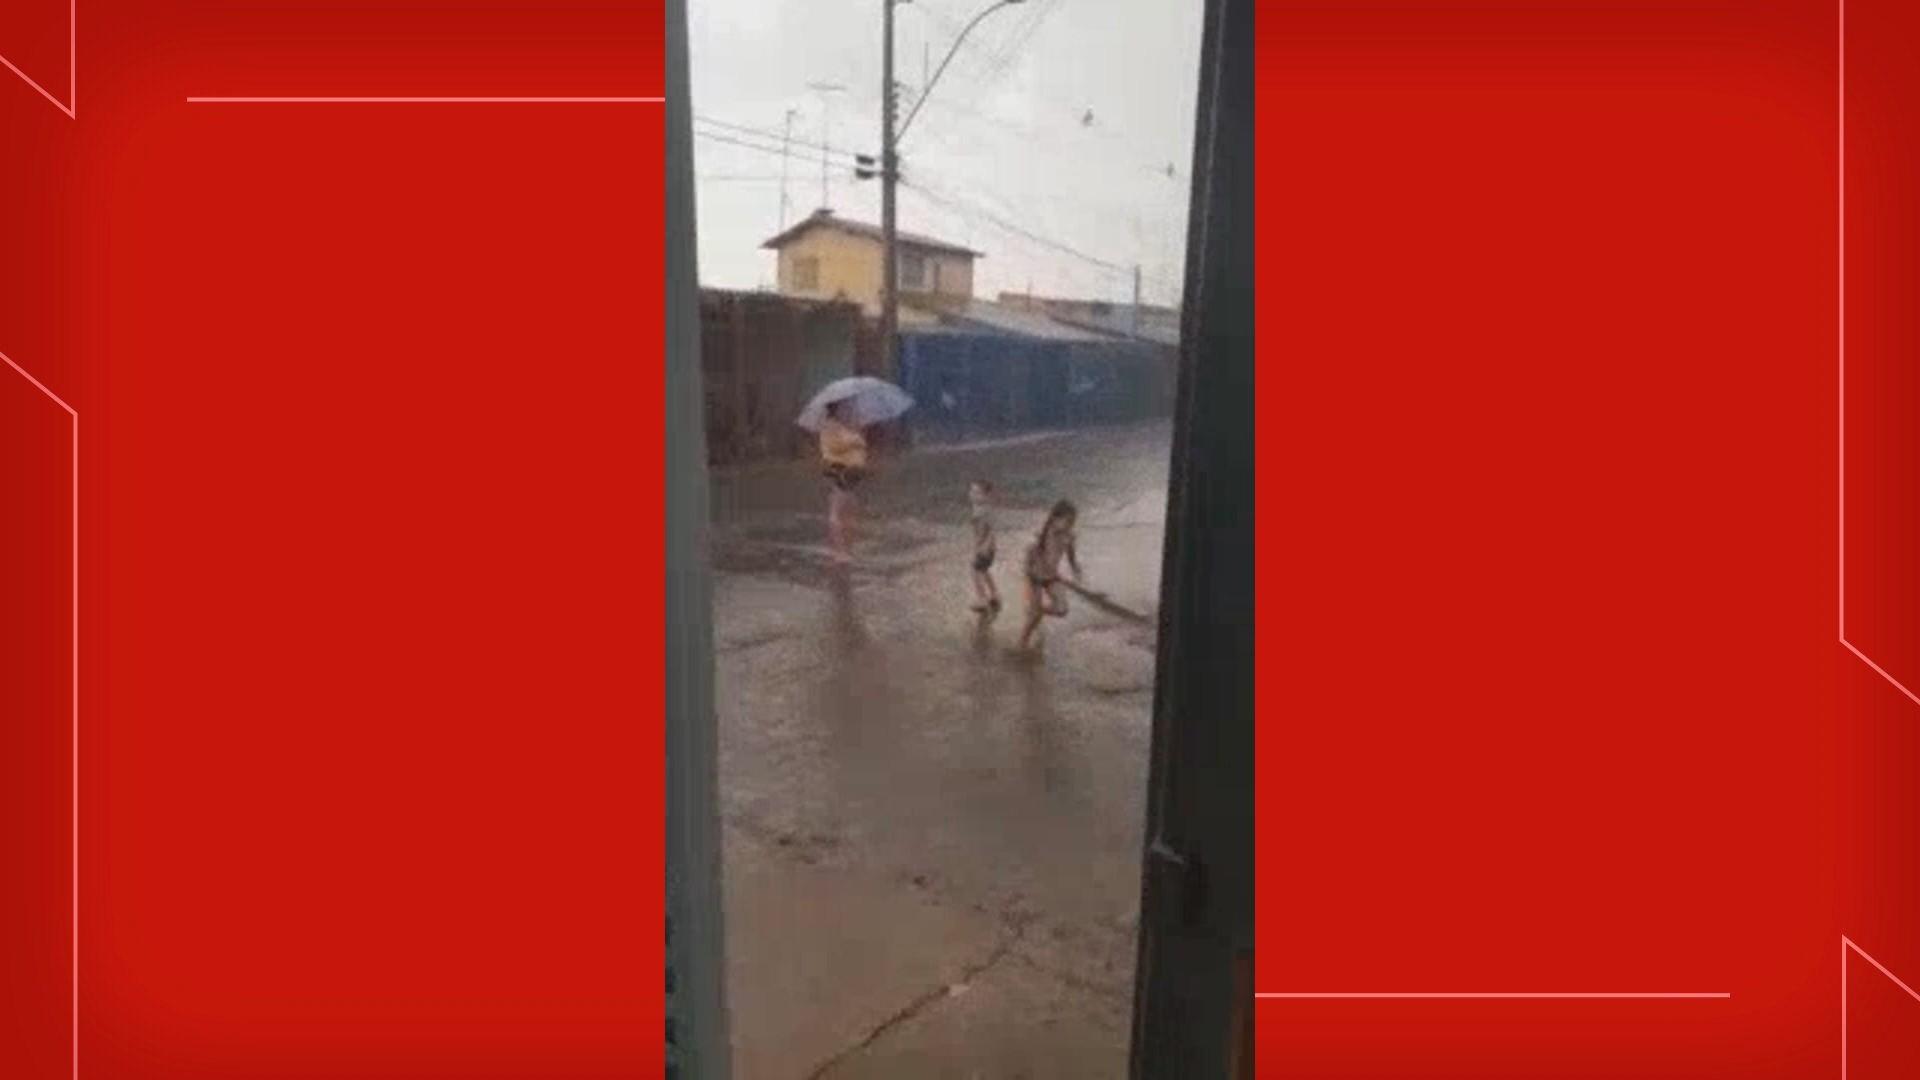 Após recordes de temperatura, população comemora chegada de chuva no DF; veja vídeo